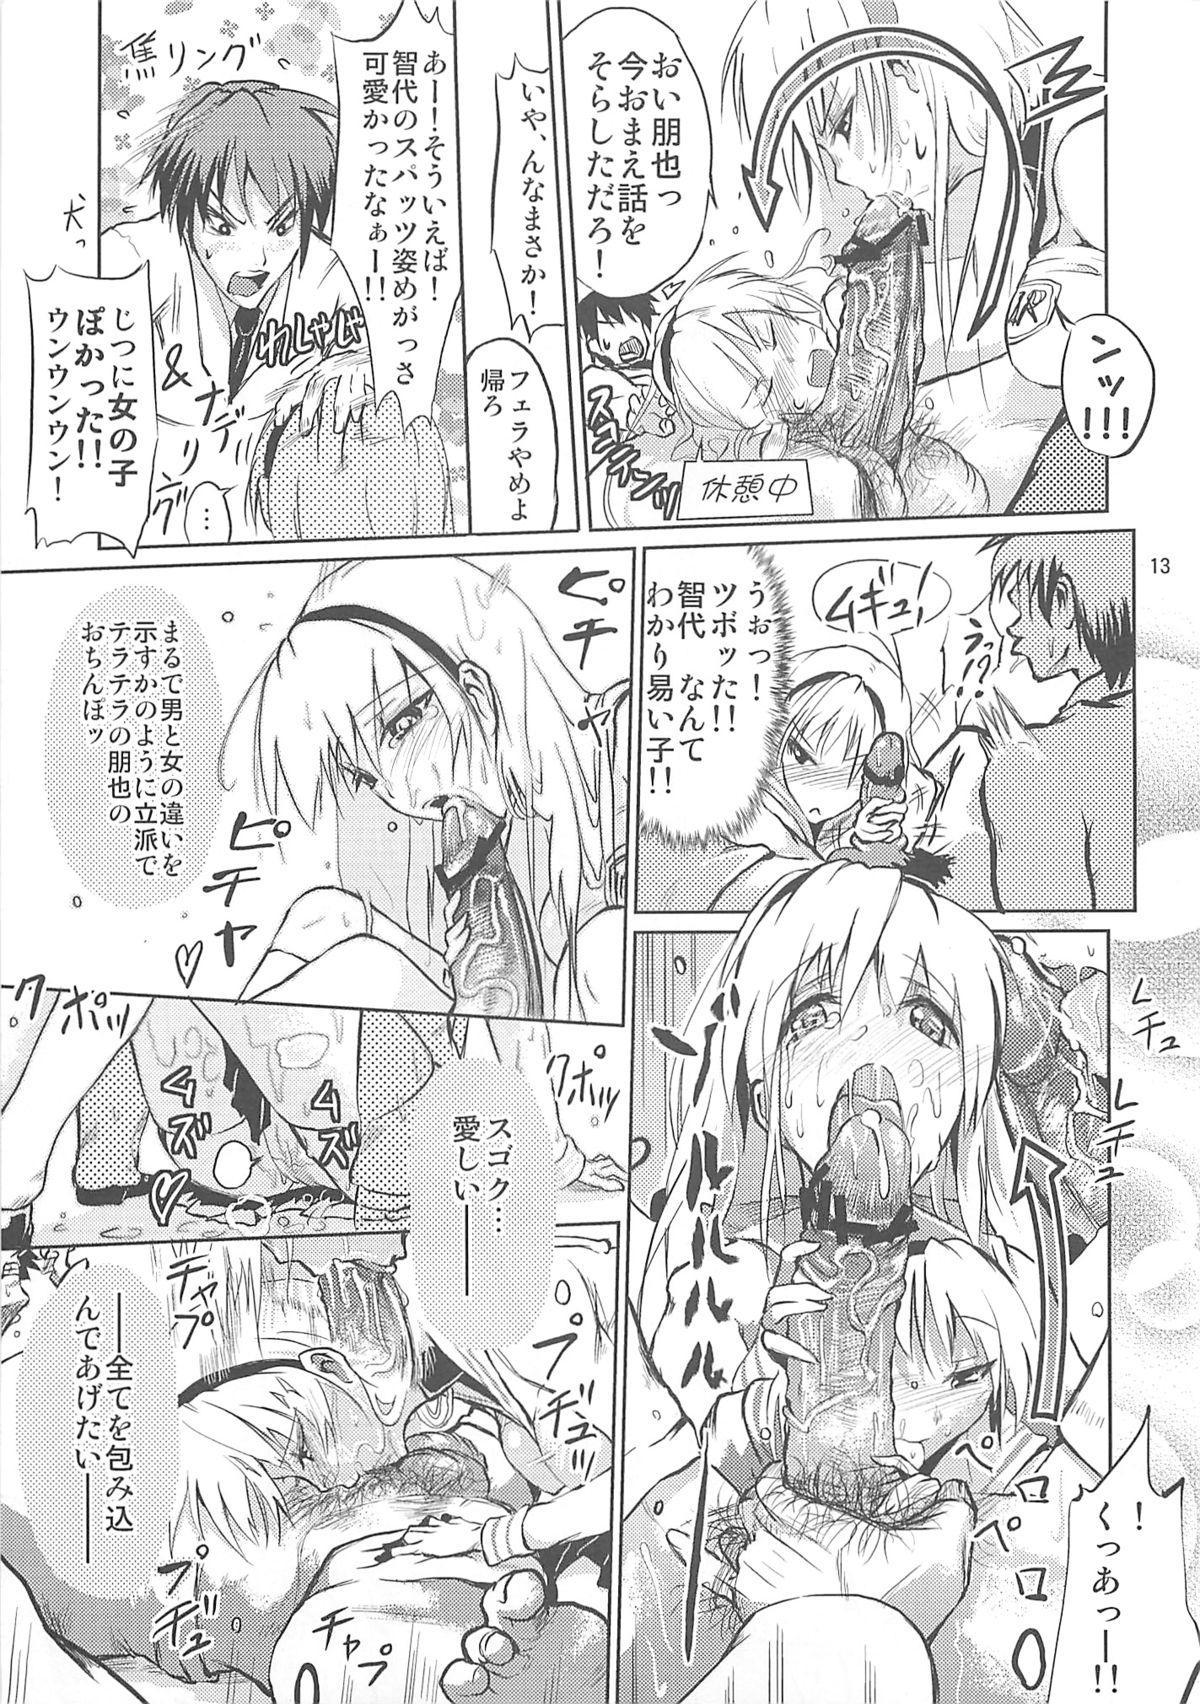 Ashi no Kirei na T-san wa Shimari ga Ii 12